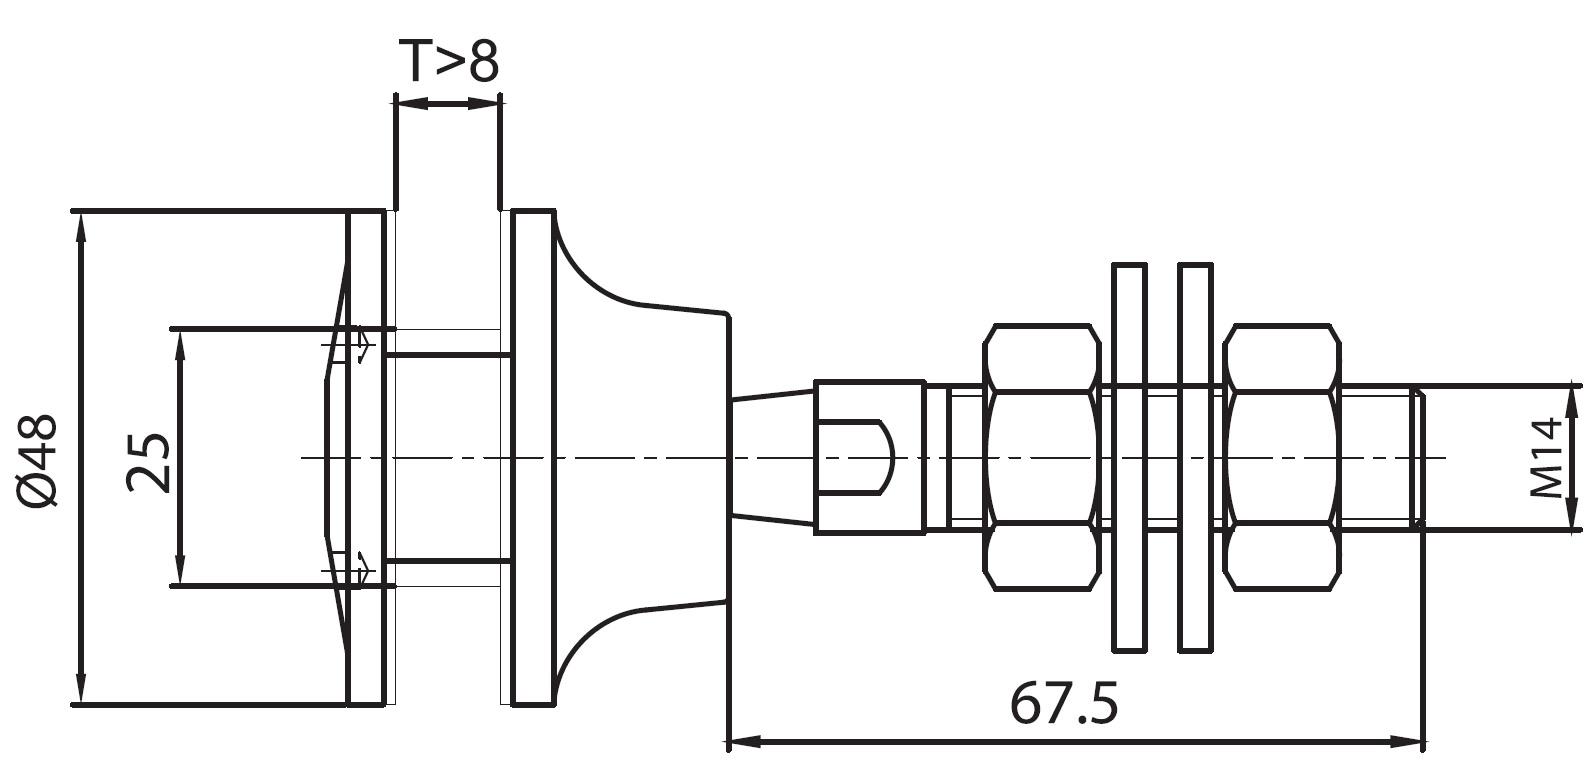 SPRO-50B / SPIDER ROTİL ÖNDEN SIKMALI Q50 Teknik Çizim